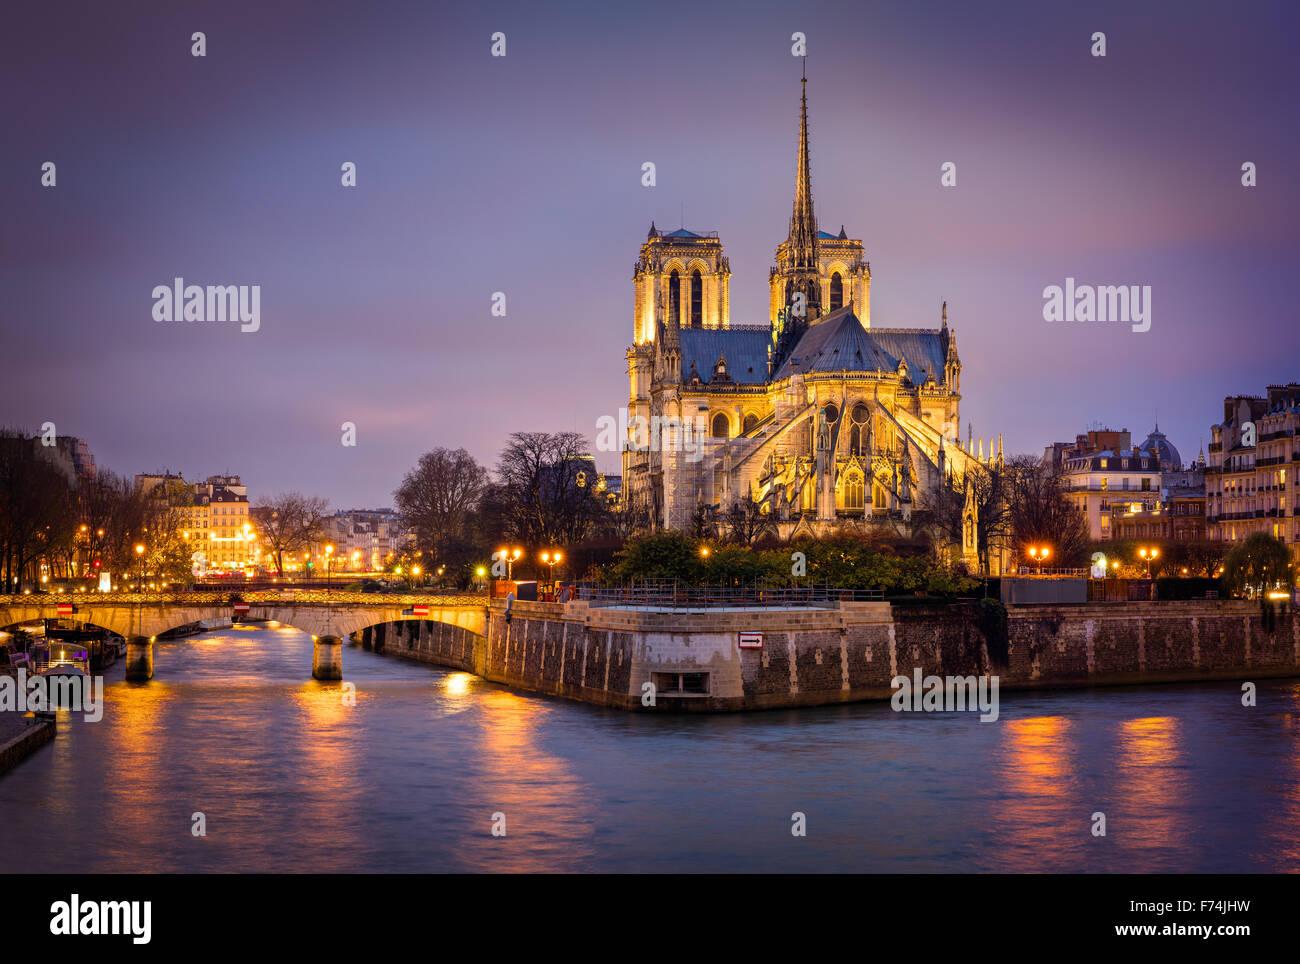 Beleuchtete Kathedrale von Notre Dame auf der Île De La Cité mit dem Erzbischof Brücke und Seineufer, Stockbild